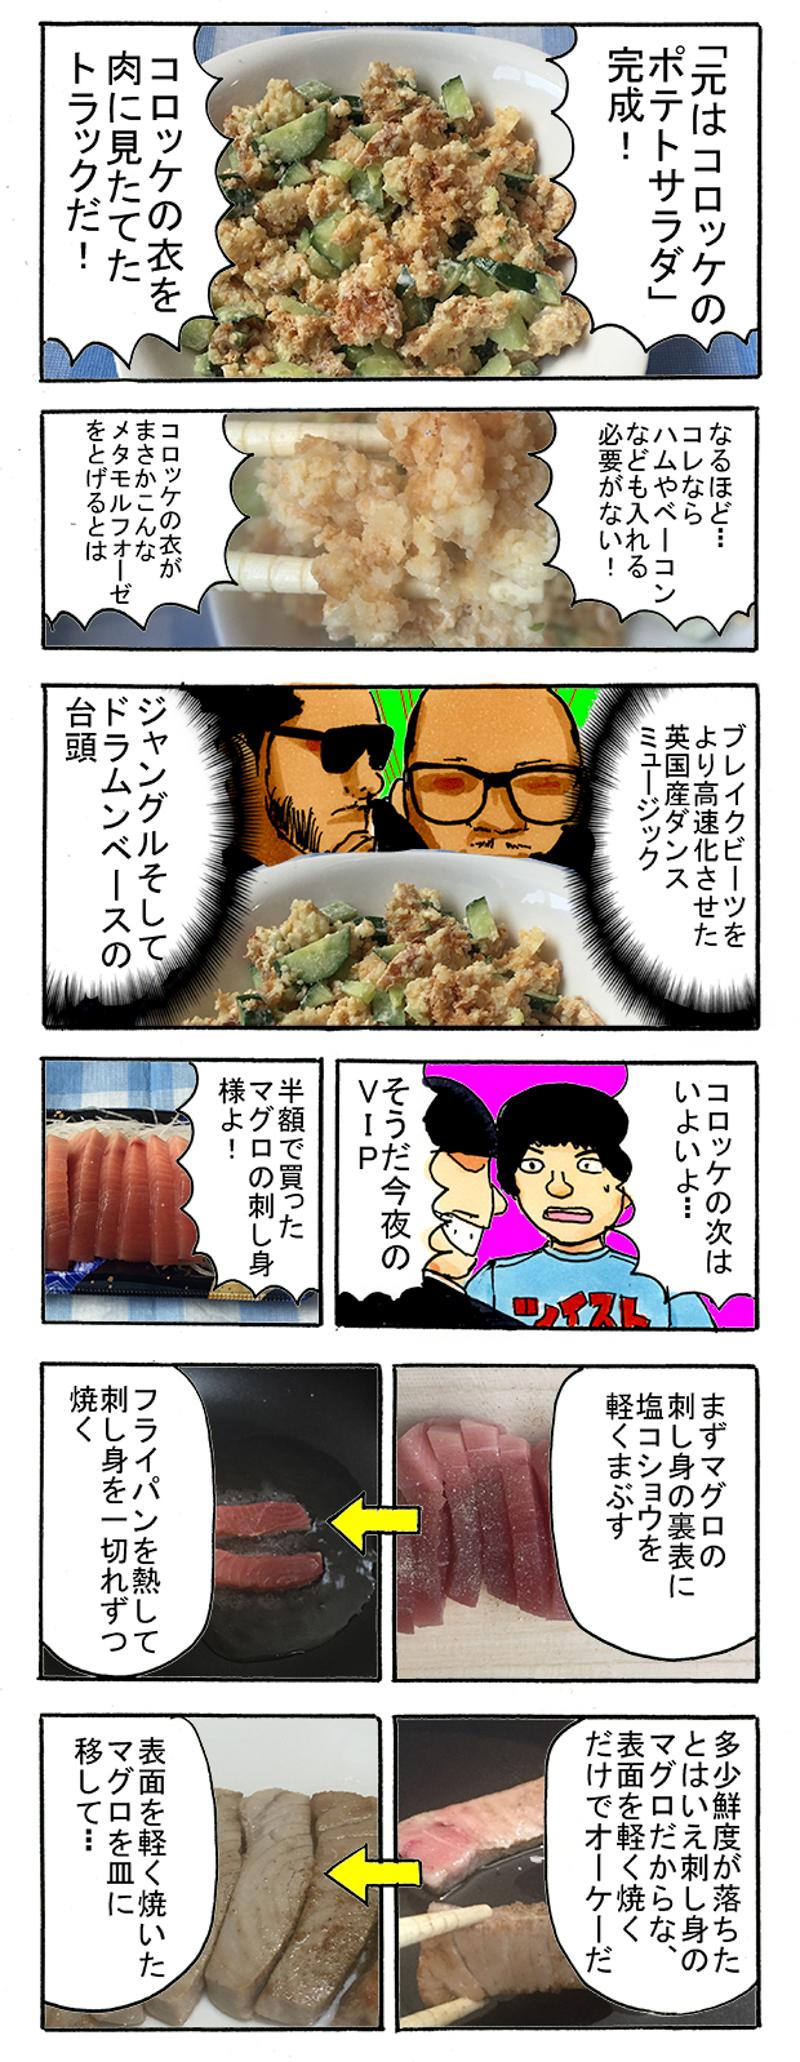 f:id:Meshi2_IB:20170430115830j:plain